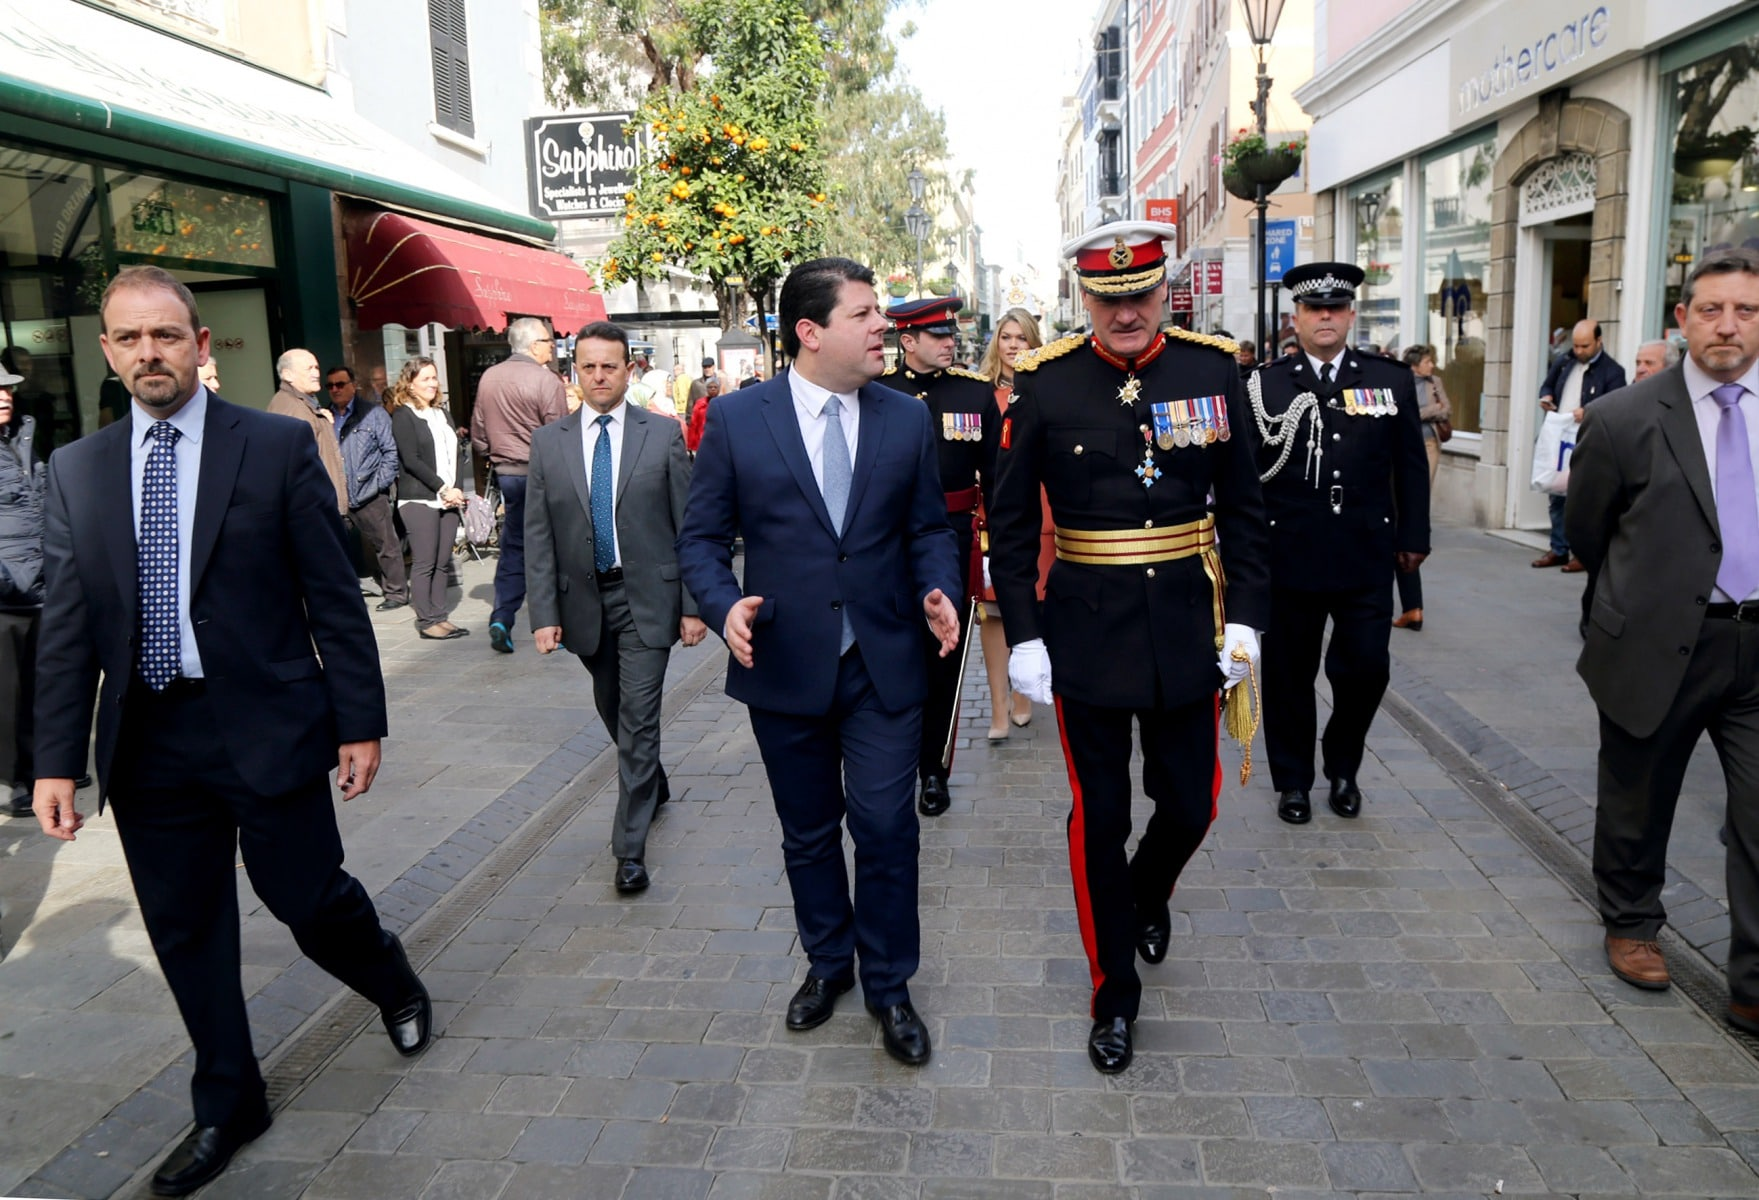 gobernador-de-gibraltar-edward-davis_24201447660_o